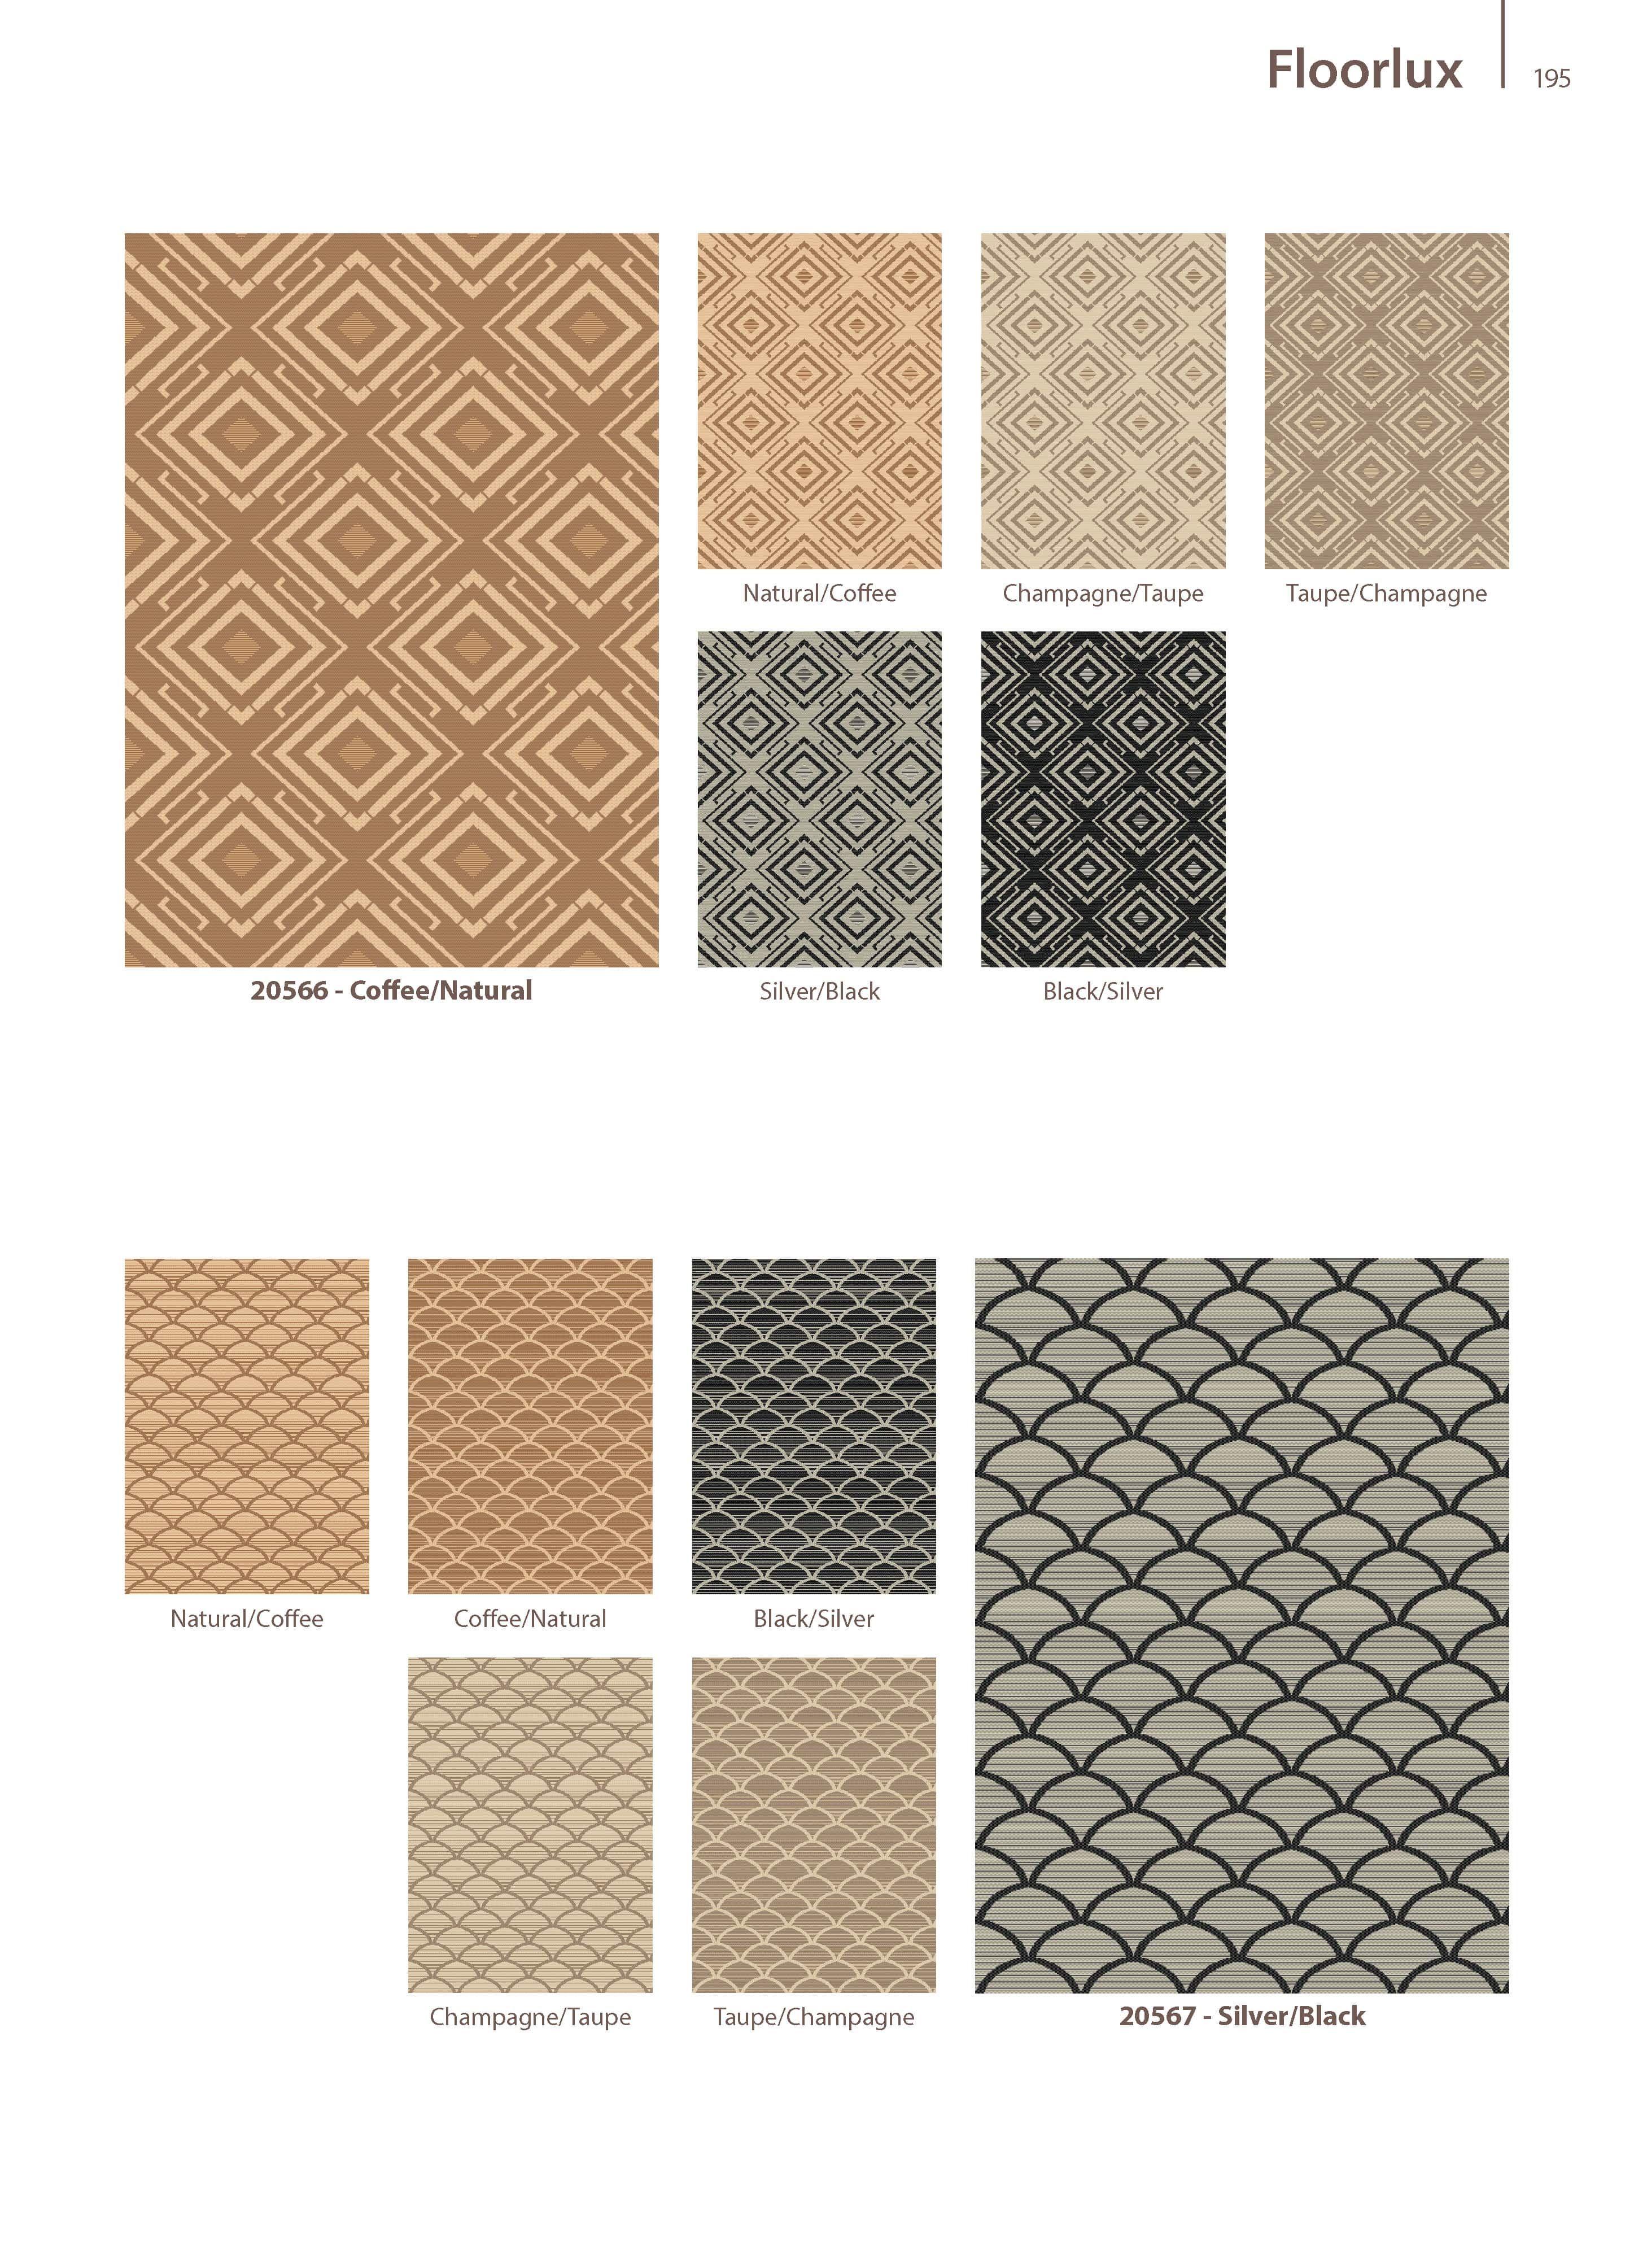 Floorlux Dc Carpets Carpet Decor